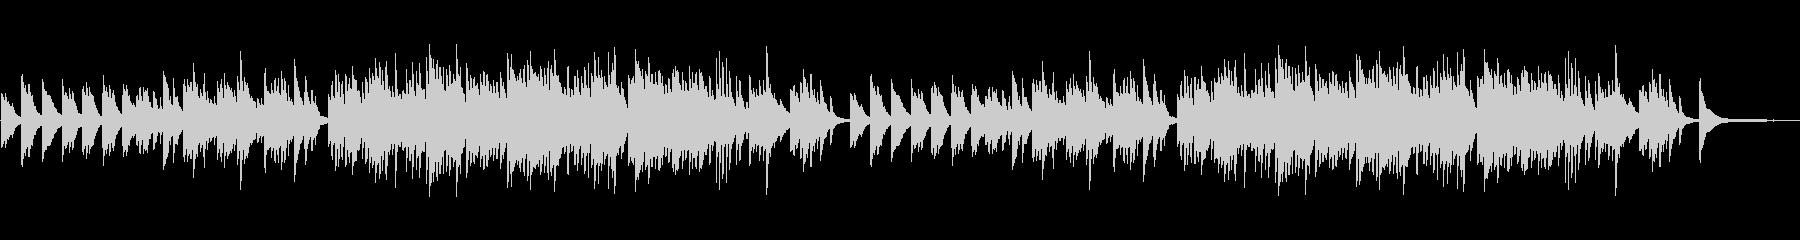 やさしいピアノ曲 テンポ100の未再生の波形